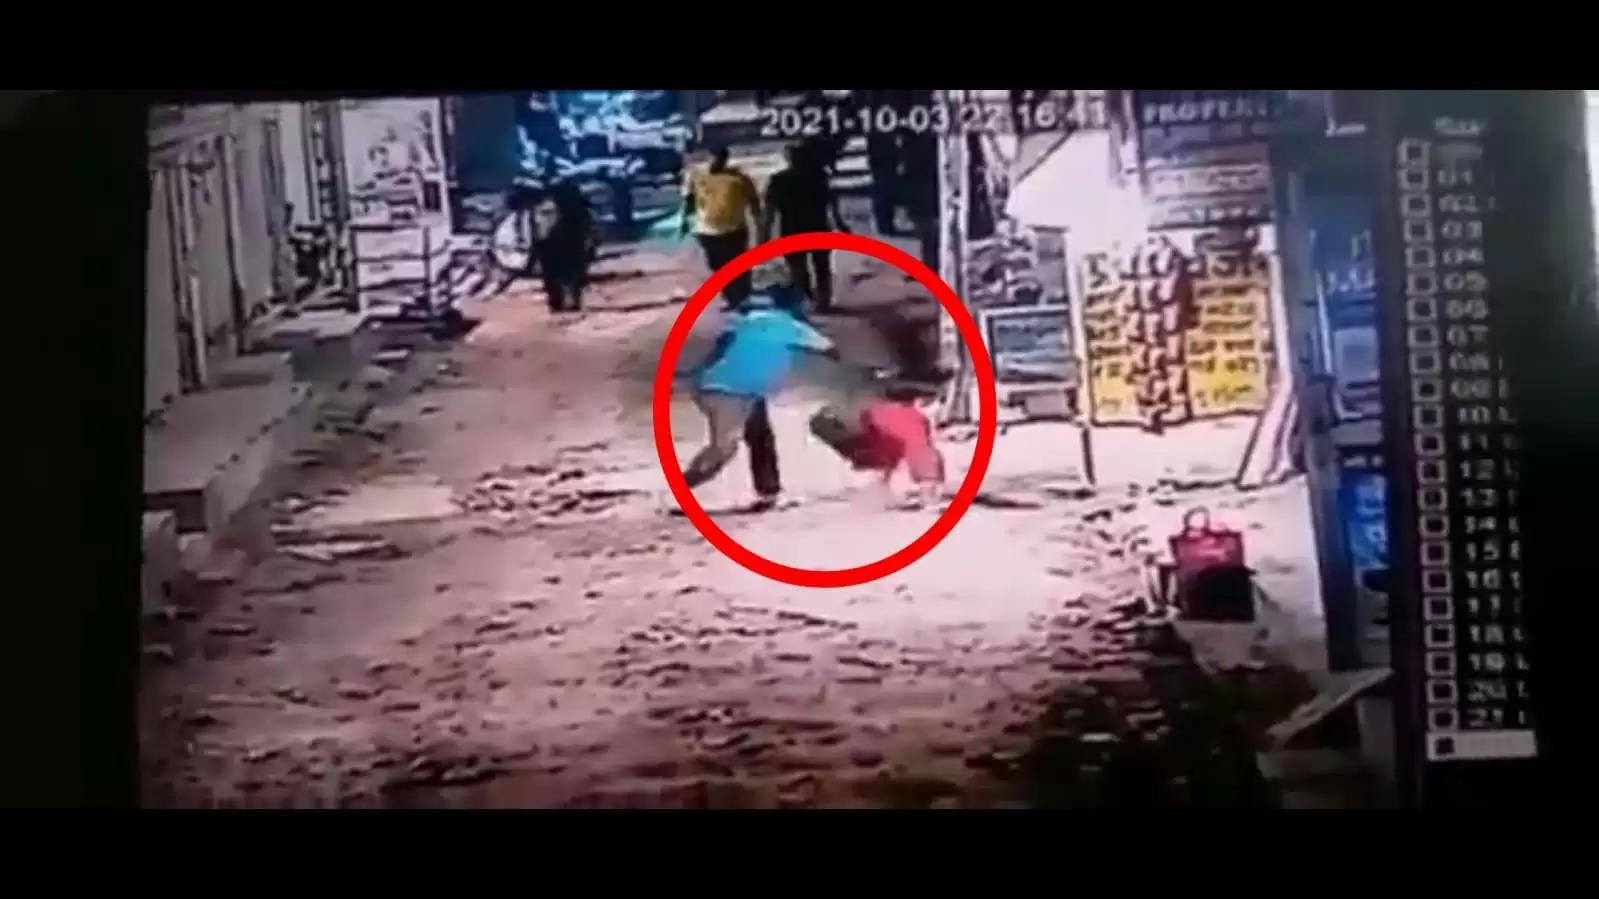 बीड़ी न देने पर सनकी शख्स ने रेत दिया महिला का गला, वारदात सीसीटीवी कैमरे में कैद...देखें वीडियो